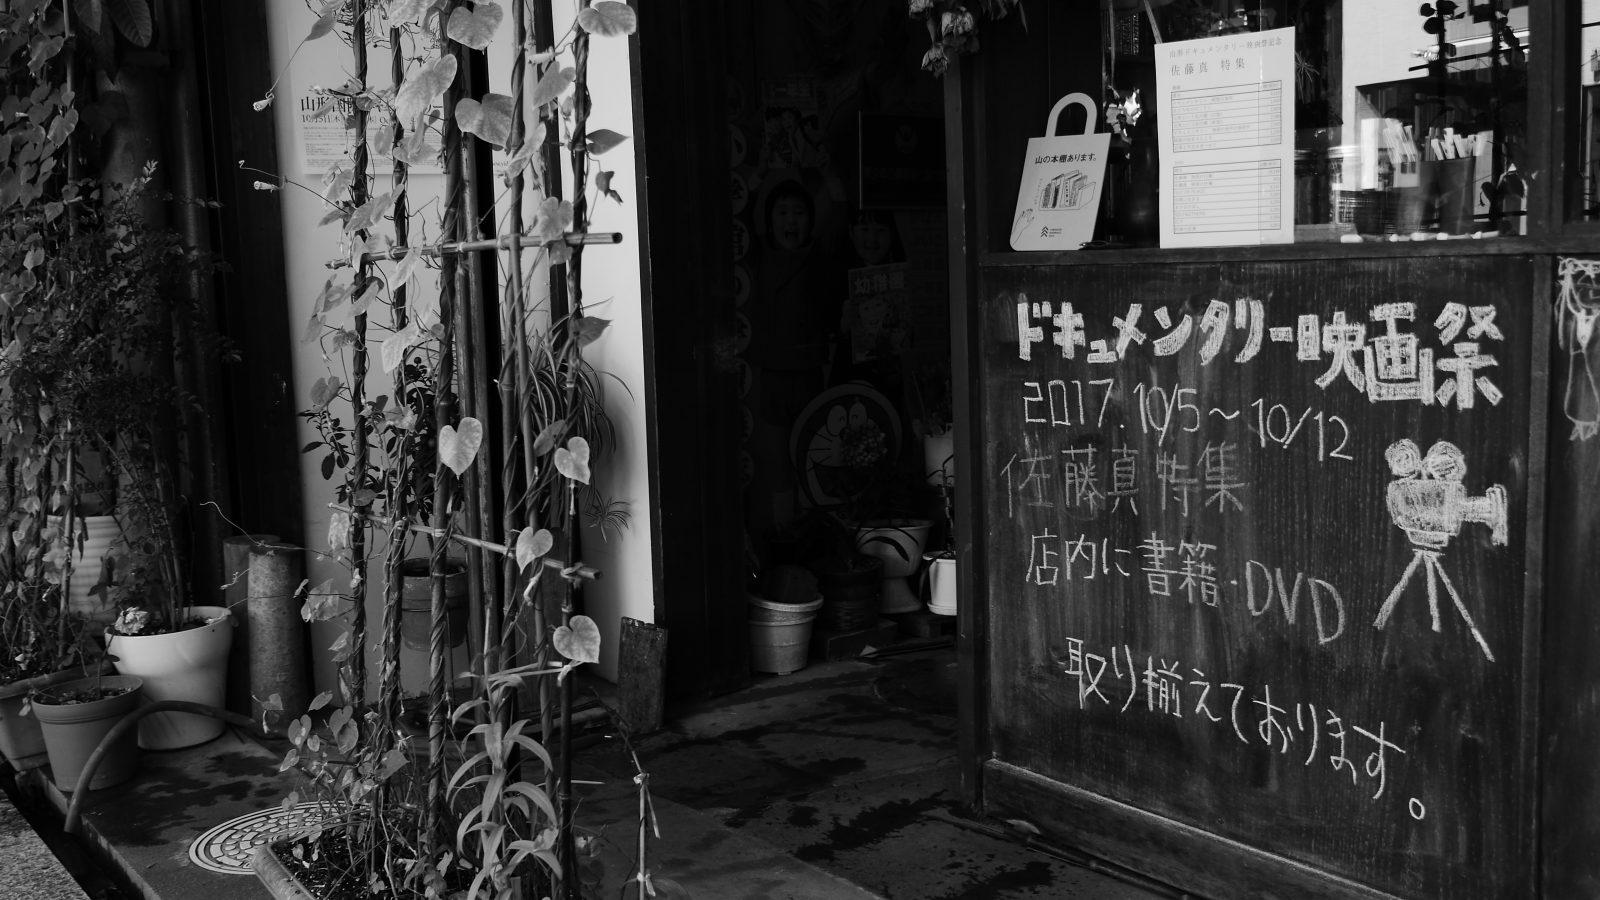 【シネマジプシー】山形出張編 Day3,4